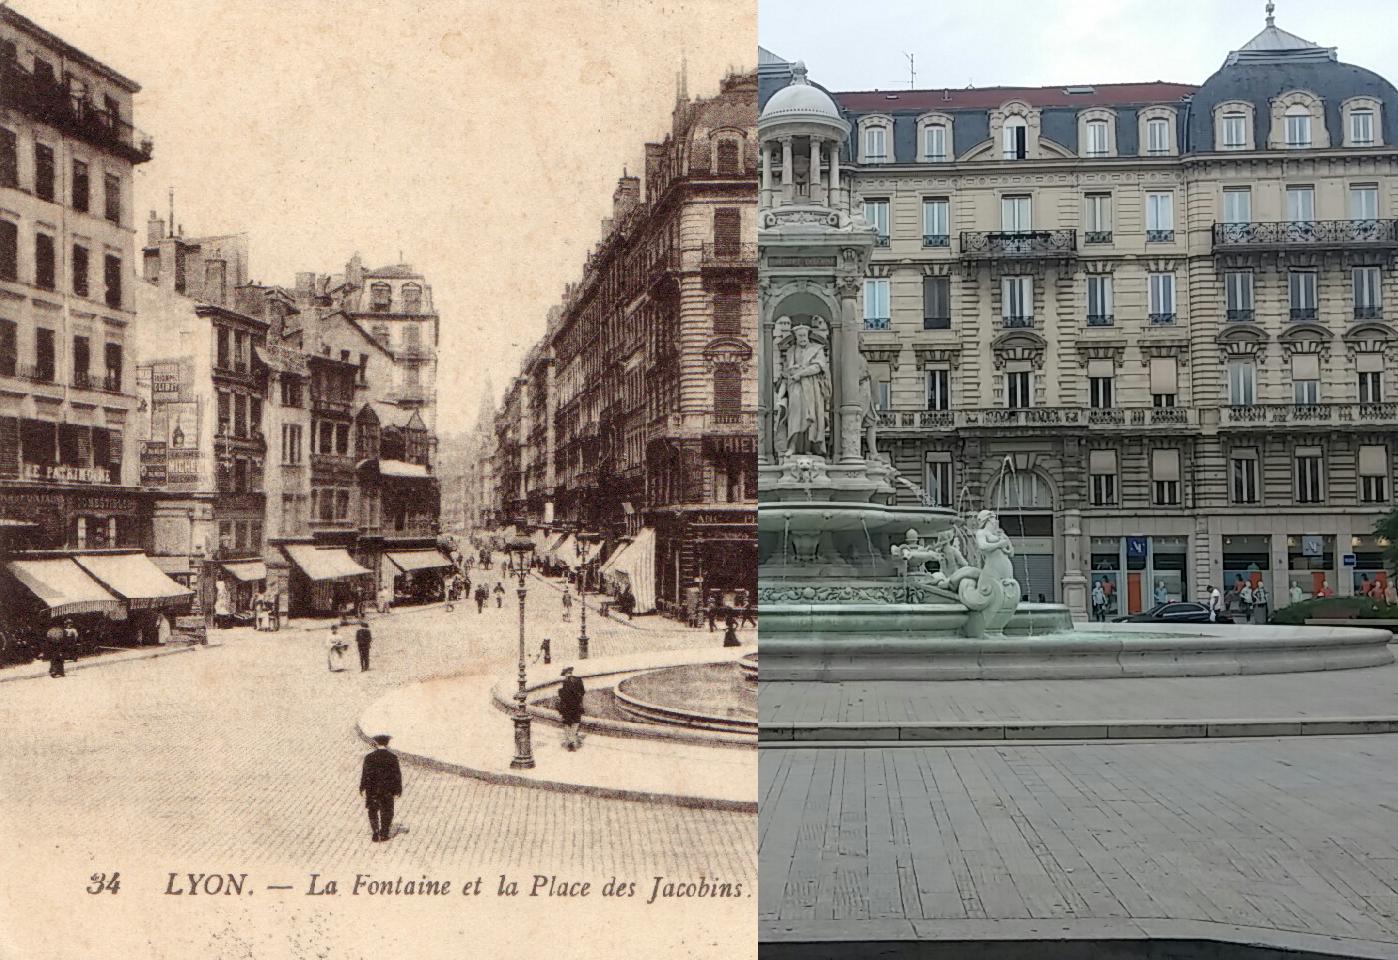 Lyon - LYON - La Fontaine et la Place des Jacobins